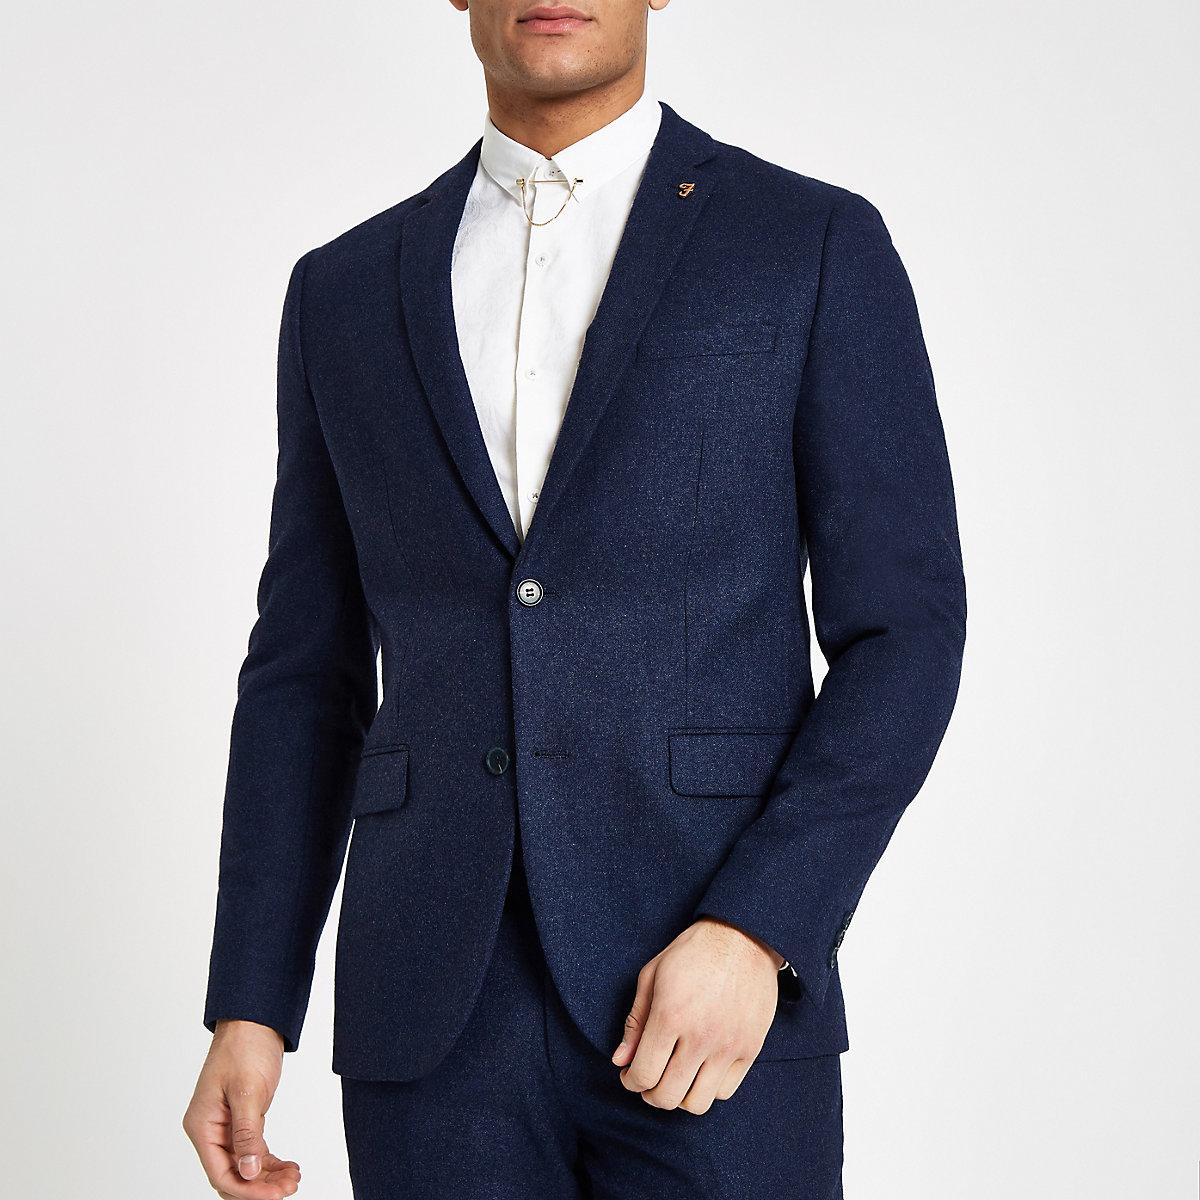 Farah blue wool blend suit jacket